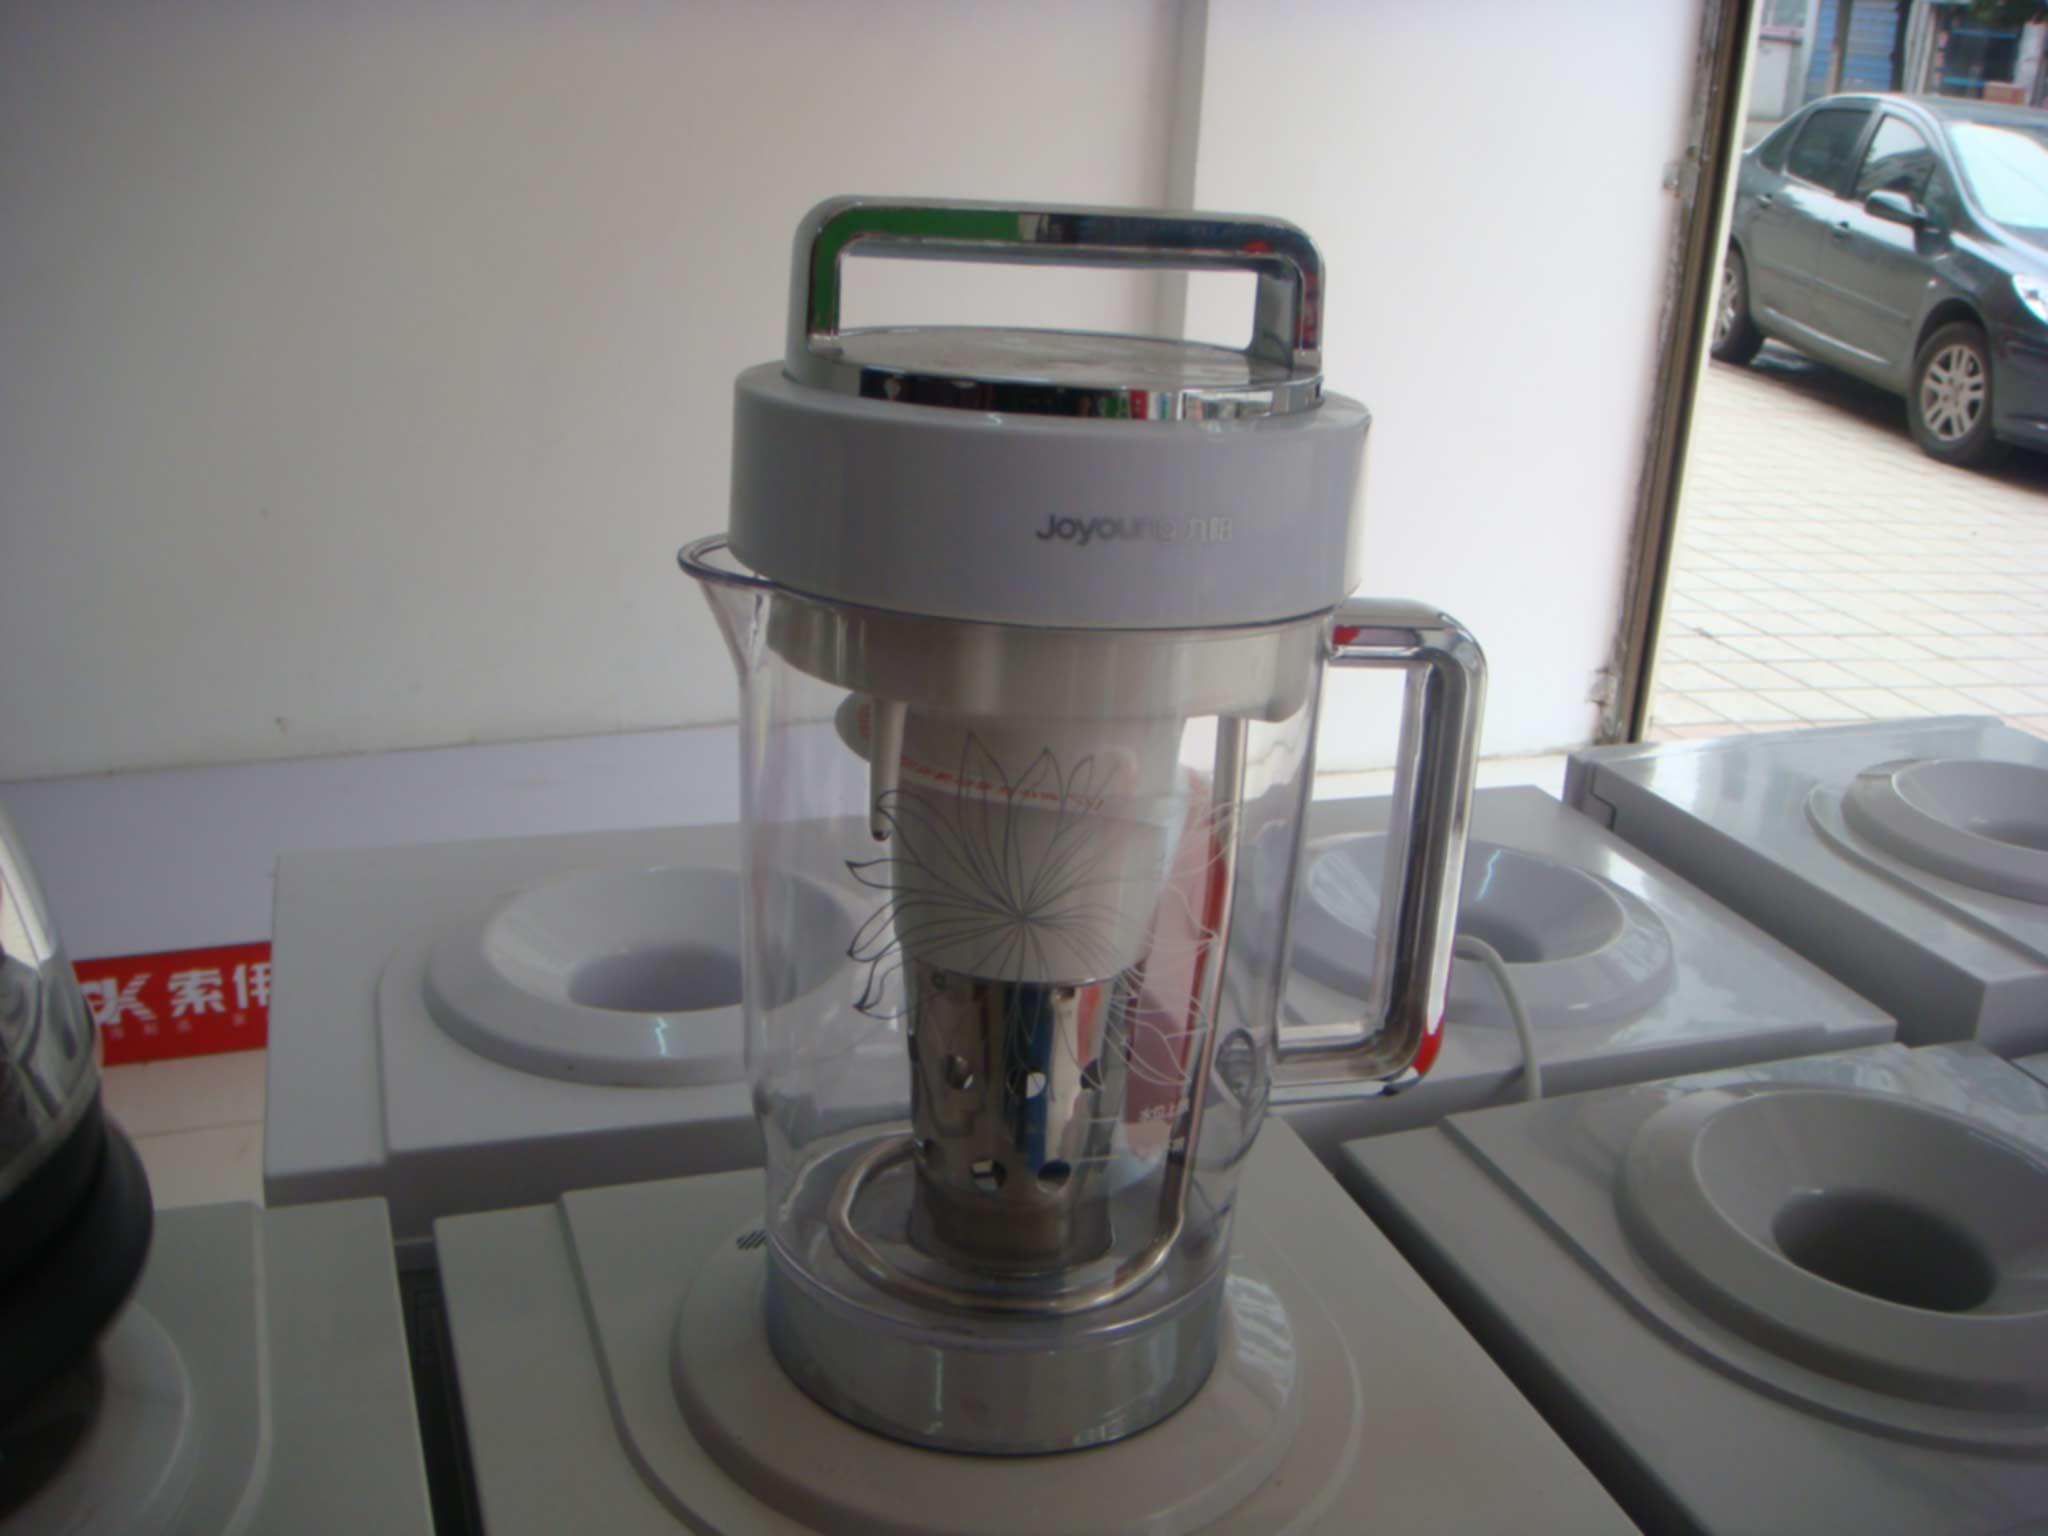 九阳豆浆机哪款性价比高?有哪些优点?